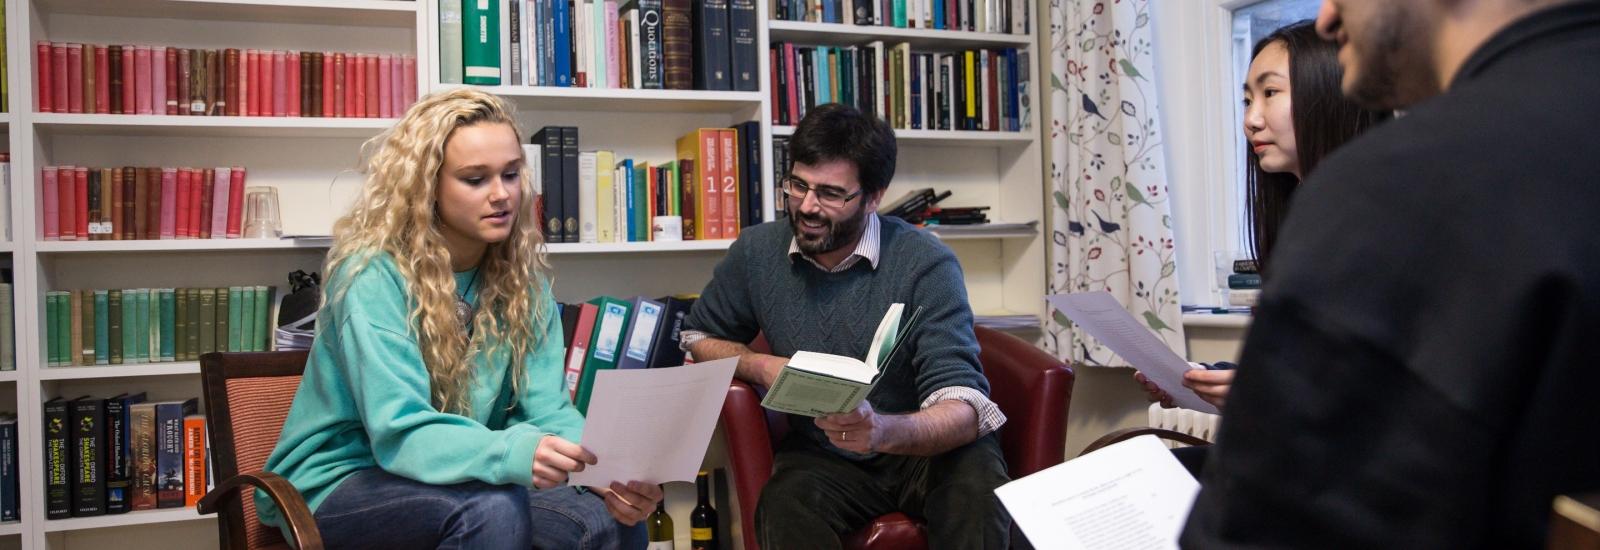 Undergraduates taking part in a Classics tutorial